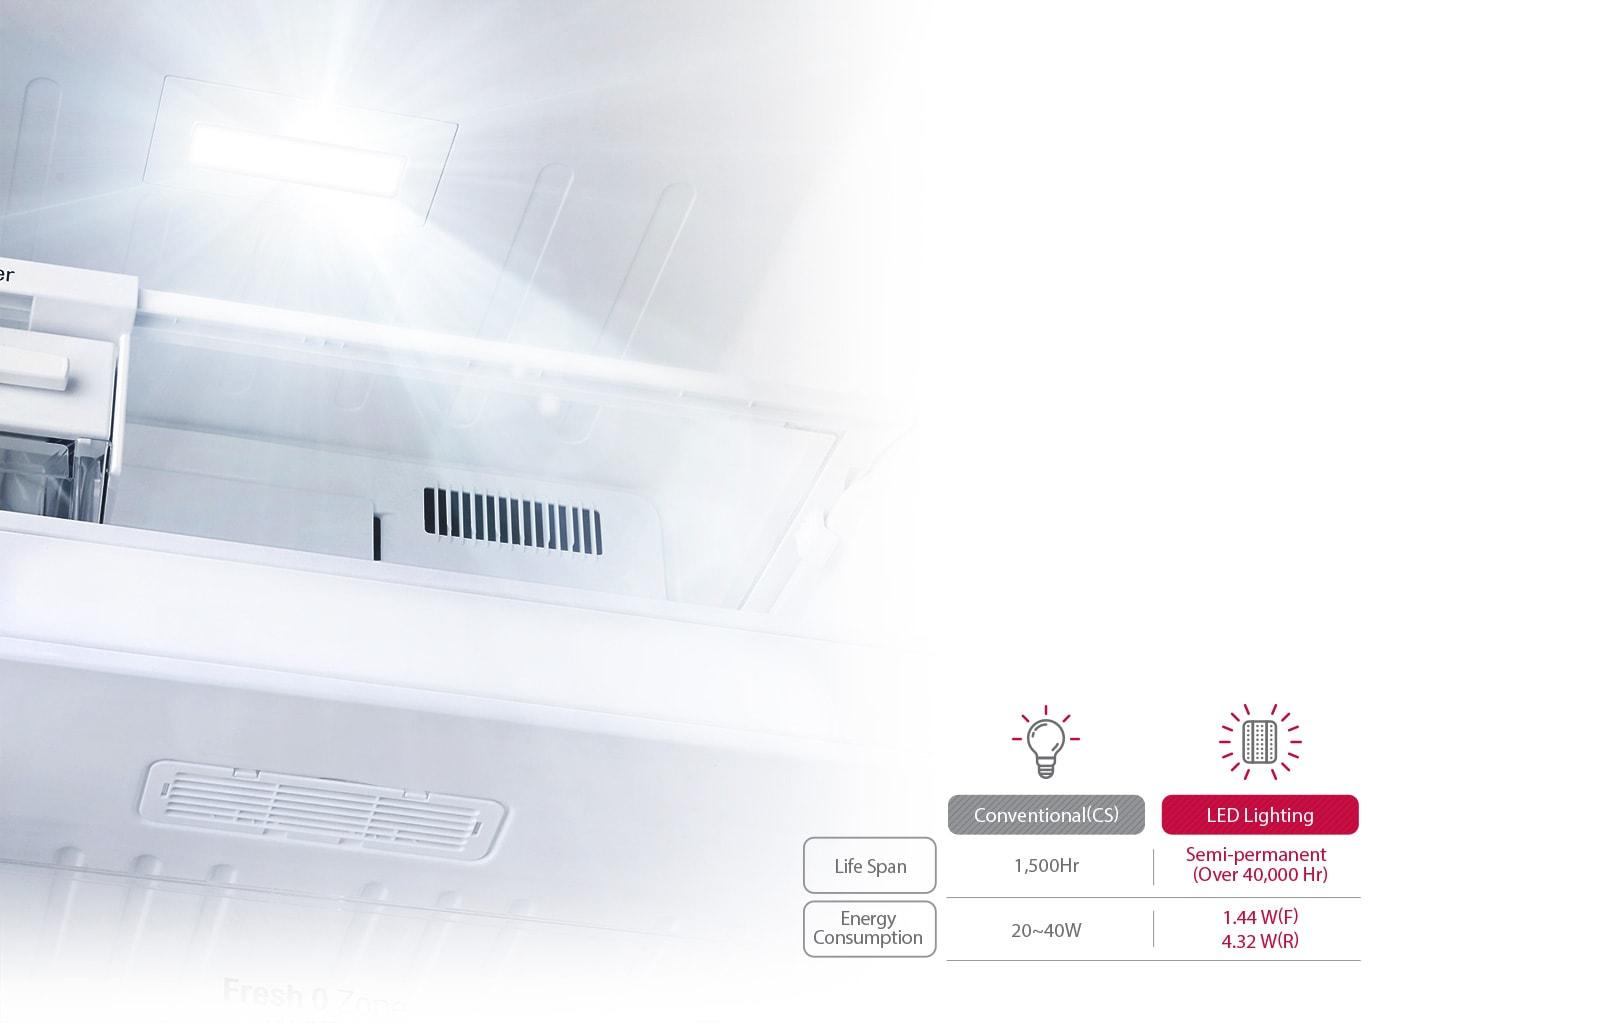 LG GL-T322RSCY 308 Ltr LED Lighting